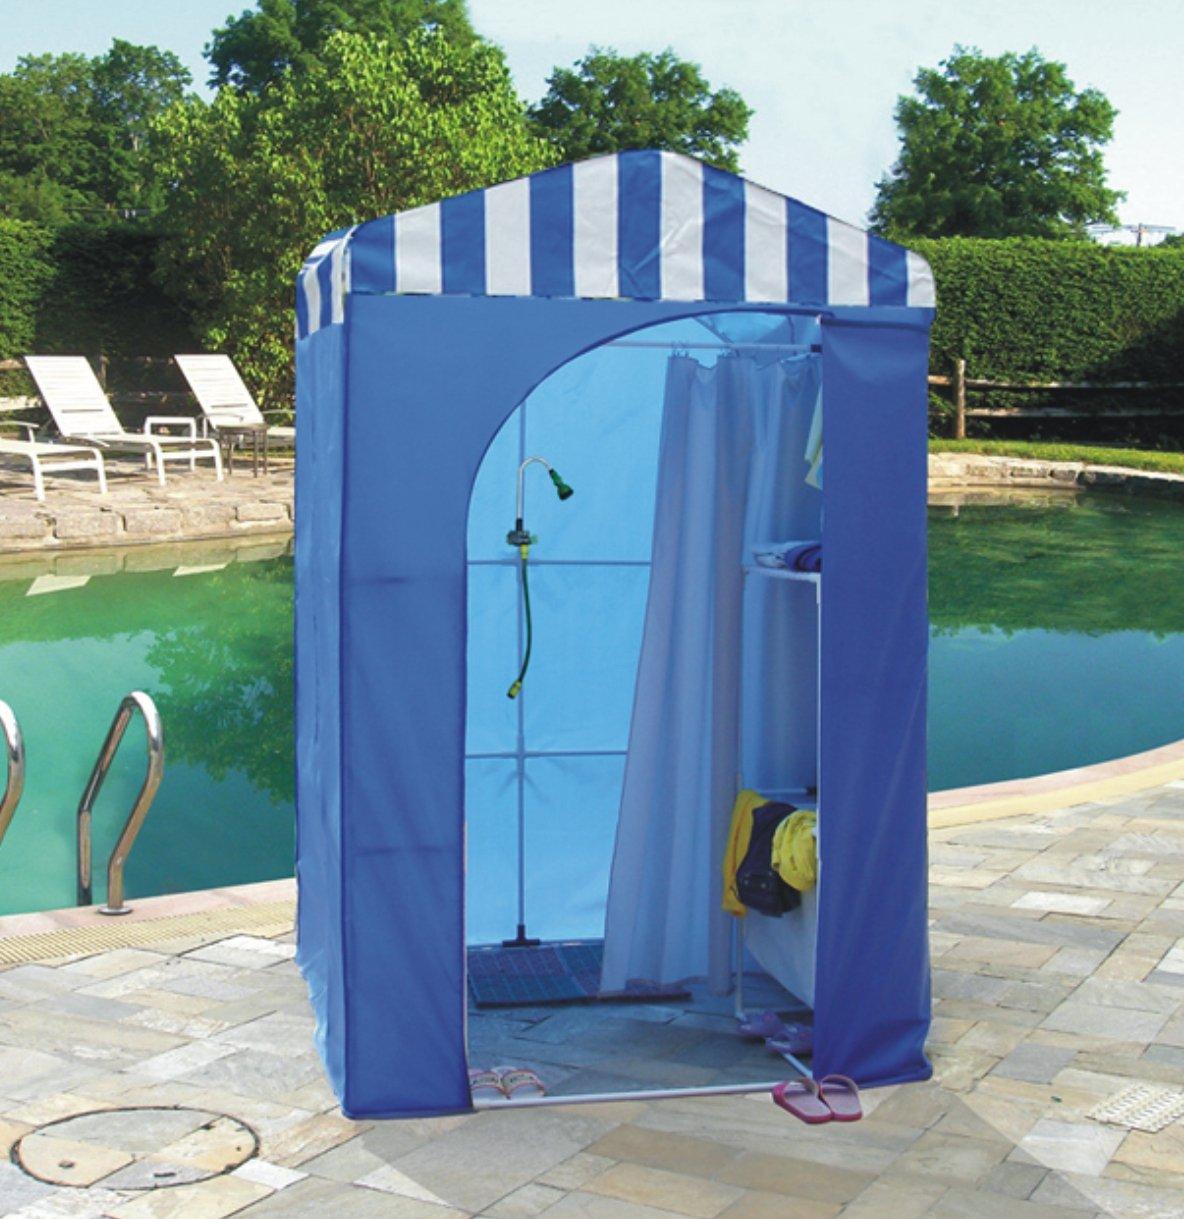 Docce per esterni accessori per docce with docce per - Doccia esterna da giardino ...